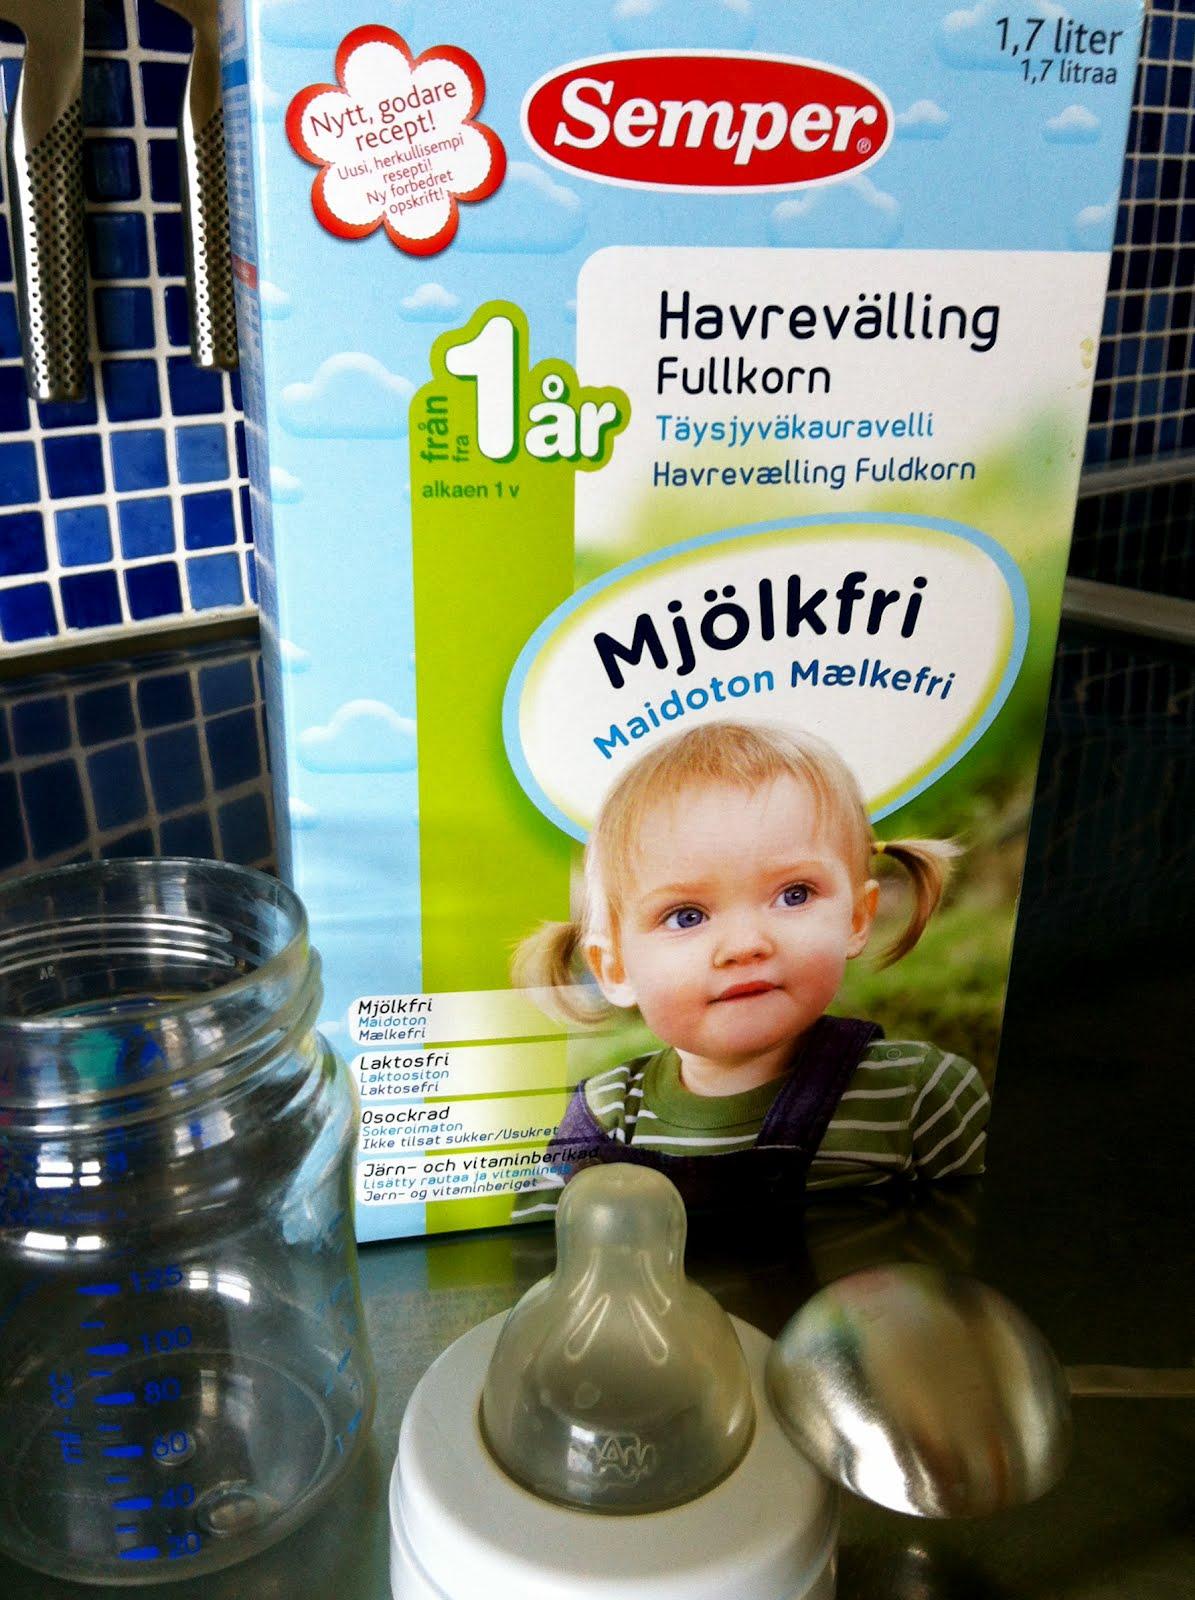 semper mjölkfri havrevälling